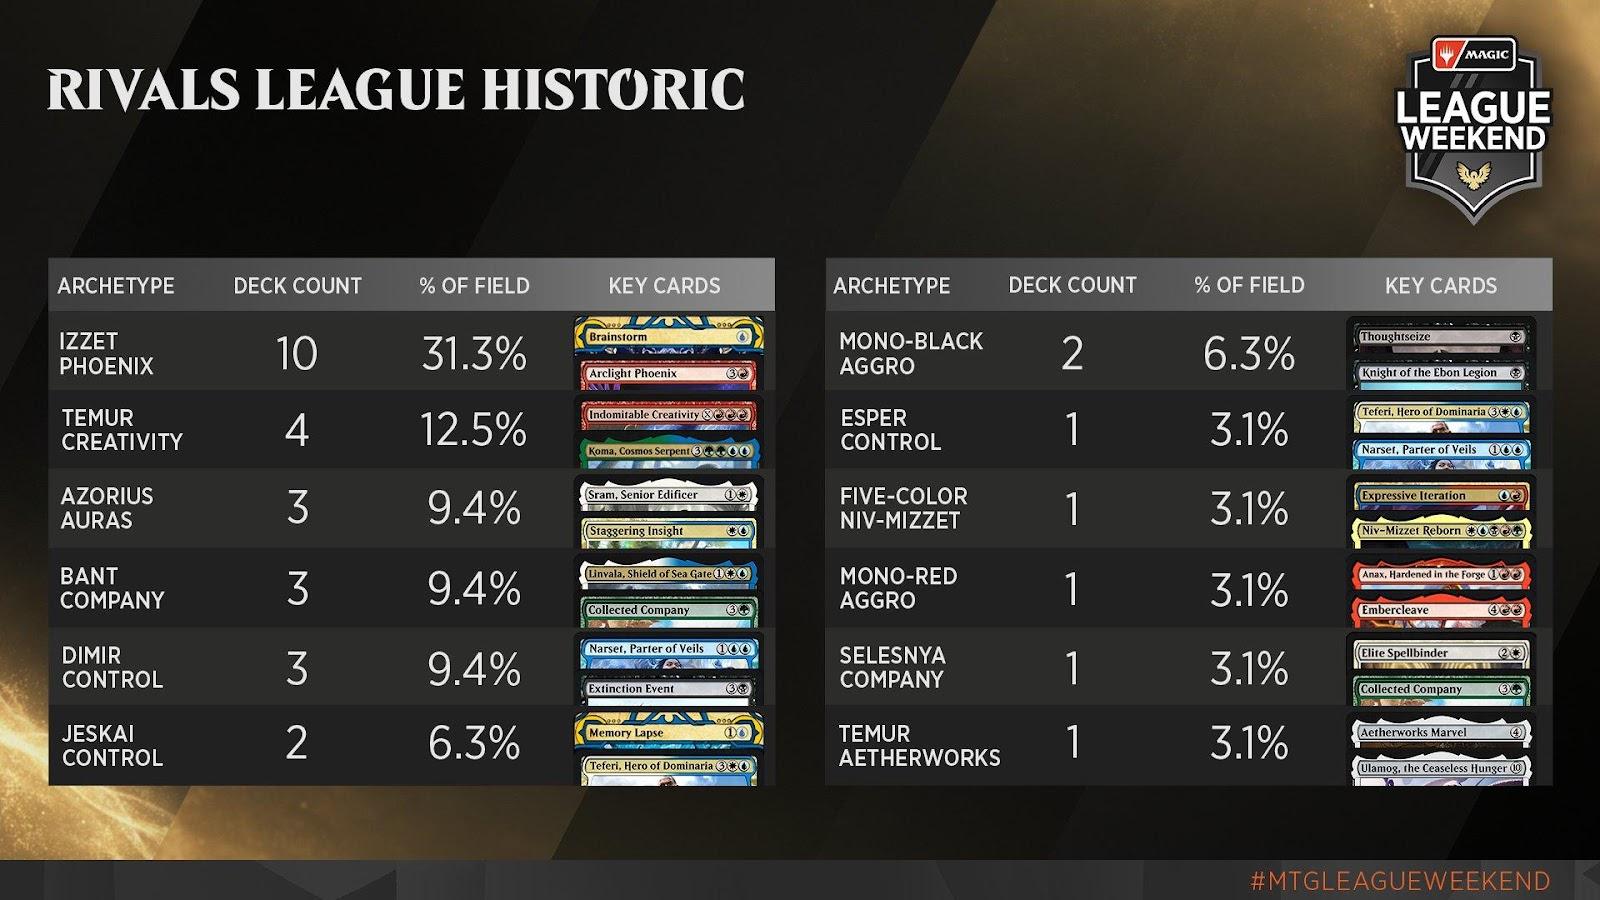 C:UsersJosef JanákDesktopMagicStředeční VýhledyStředeční Výhledy 13Rivals League - Historic Metagame.jpg